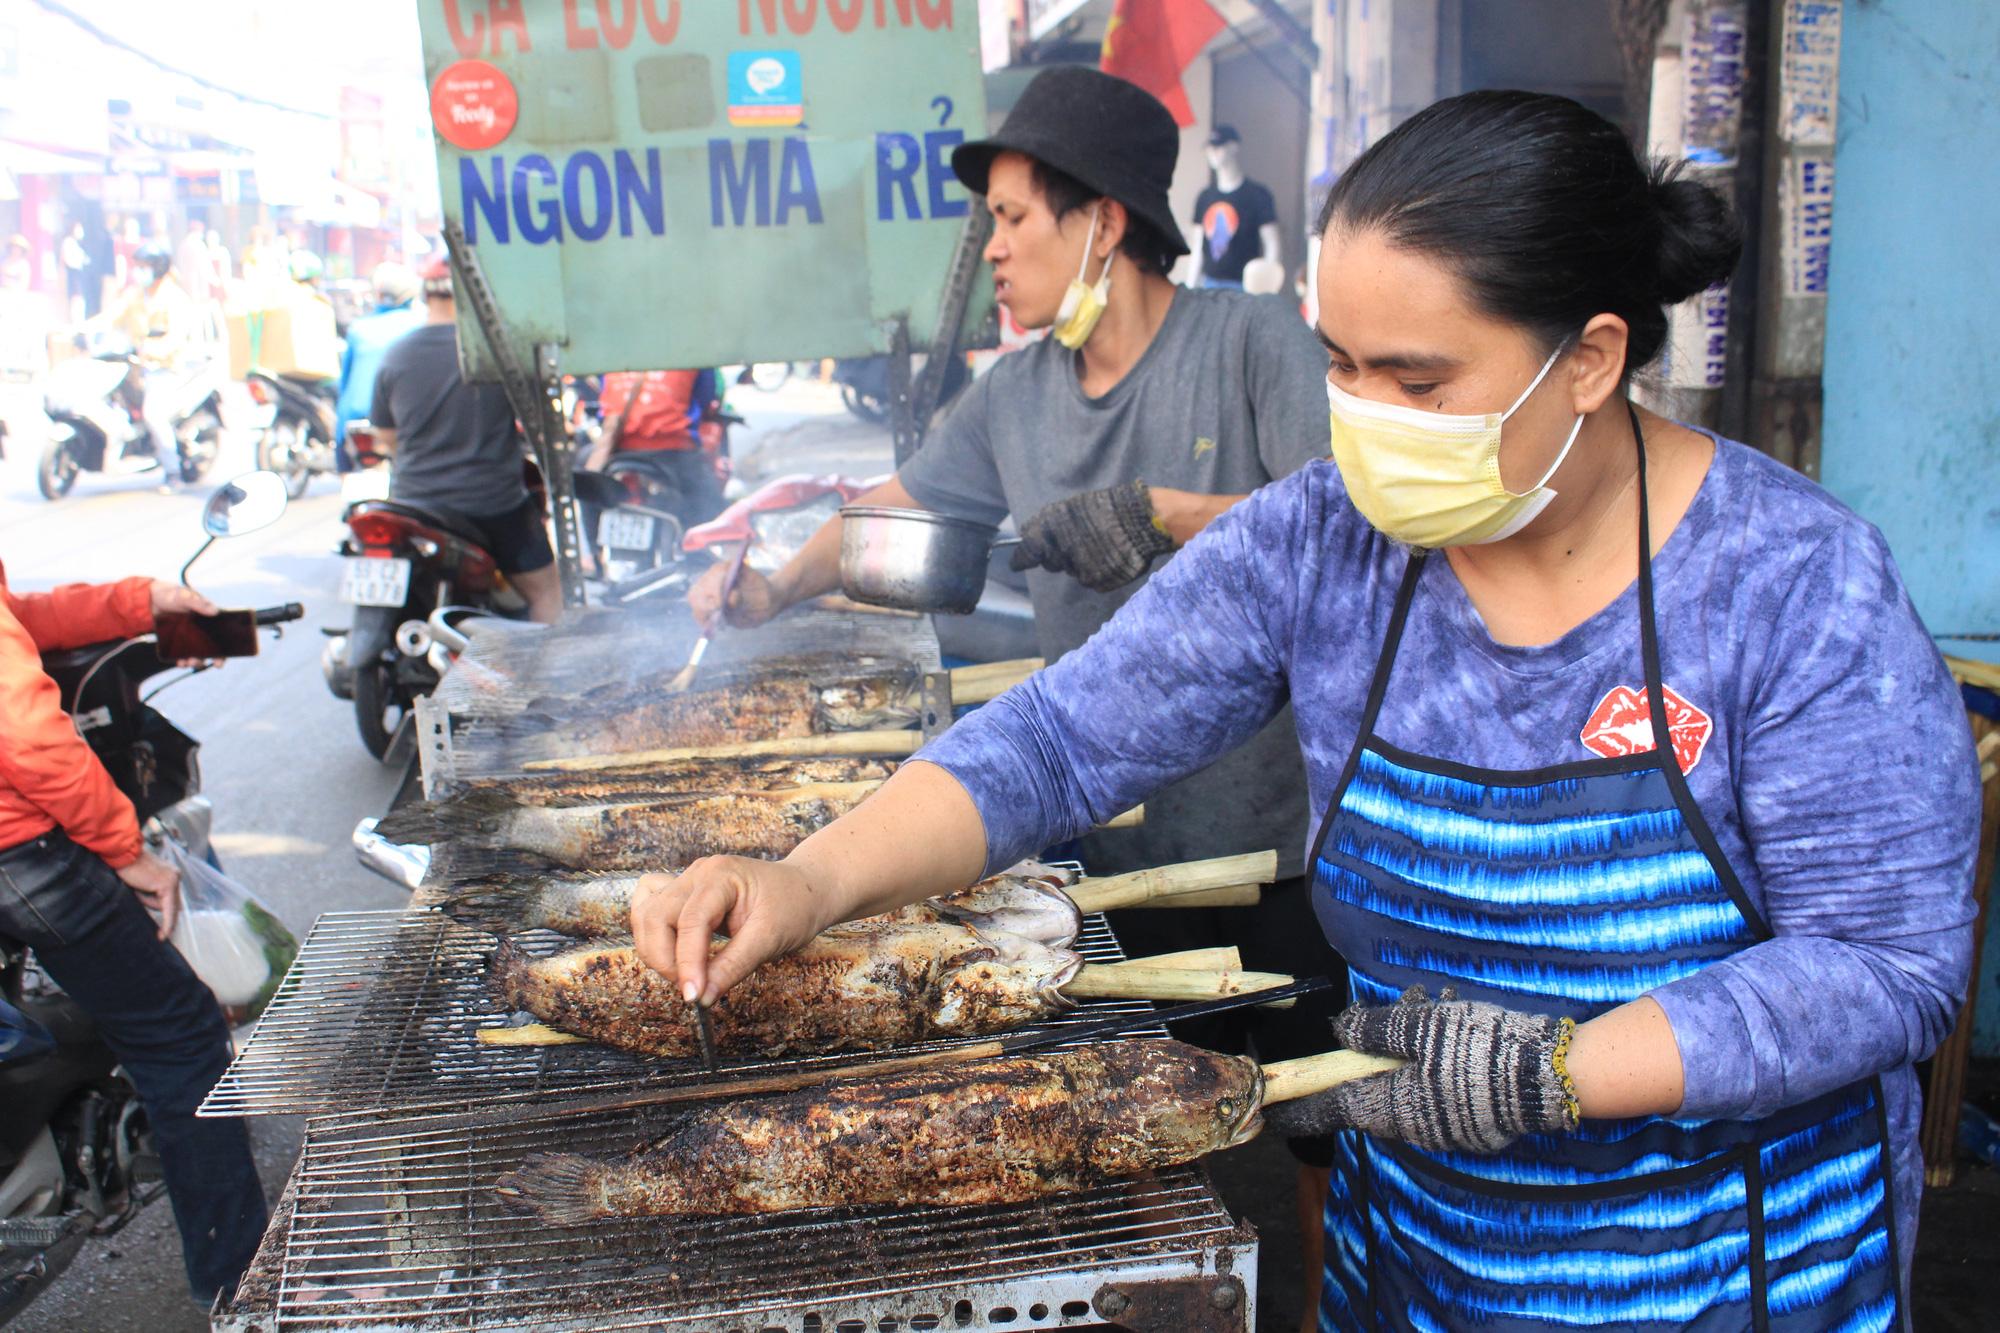 Chuẩn bị 3,5 tấn cá lóc nướng ngày vía Thần tài nhưng vẫn lo không đủ bán ở Sài Gòn - Ảnh 3.